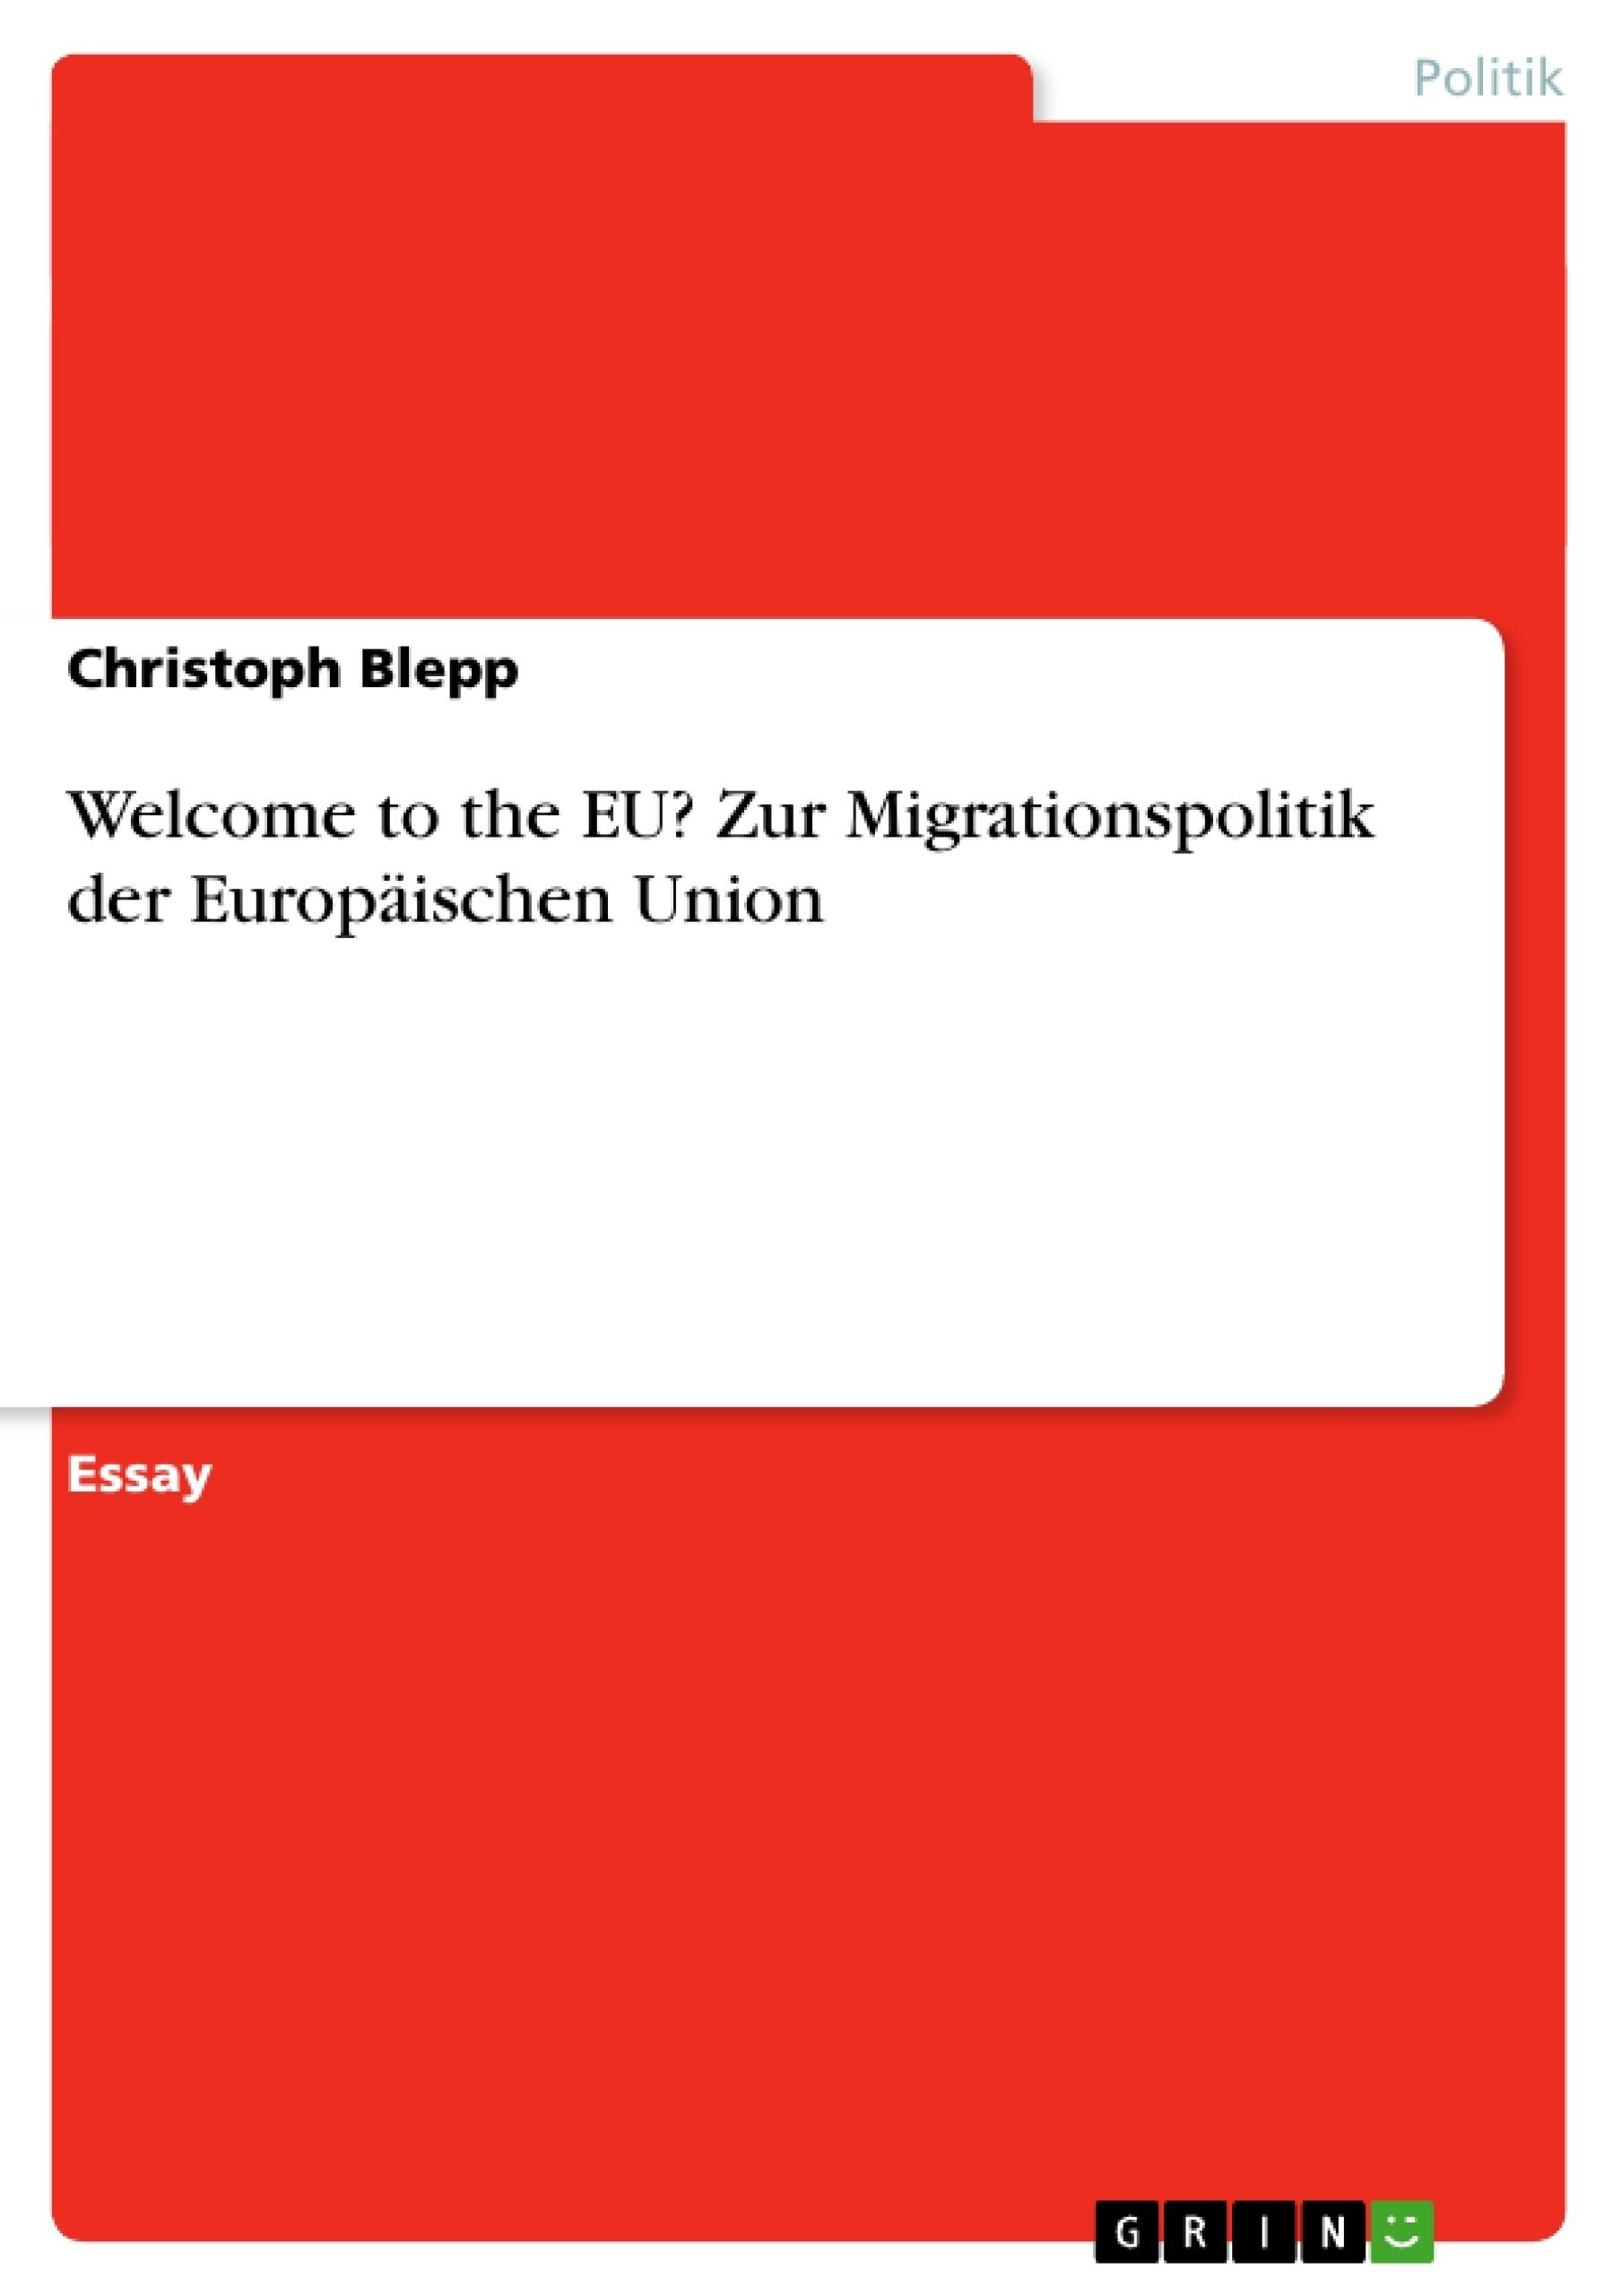 Titel: Welcome to the EU? Zur Migrationspolitik der Europäischen Union